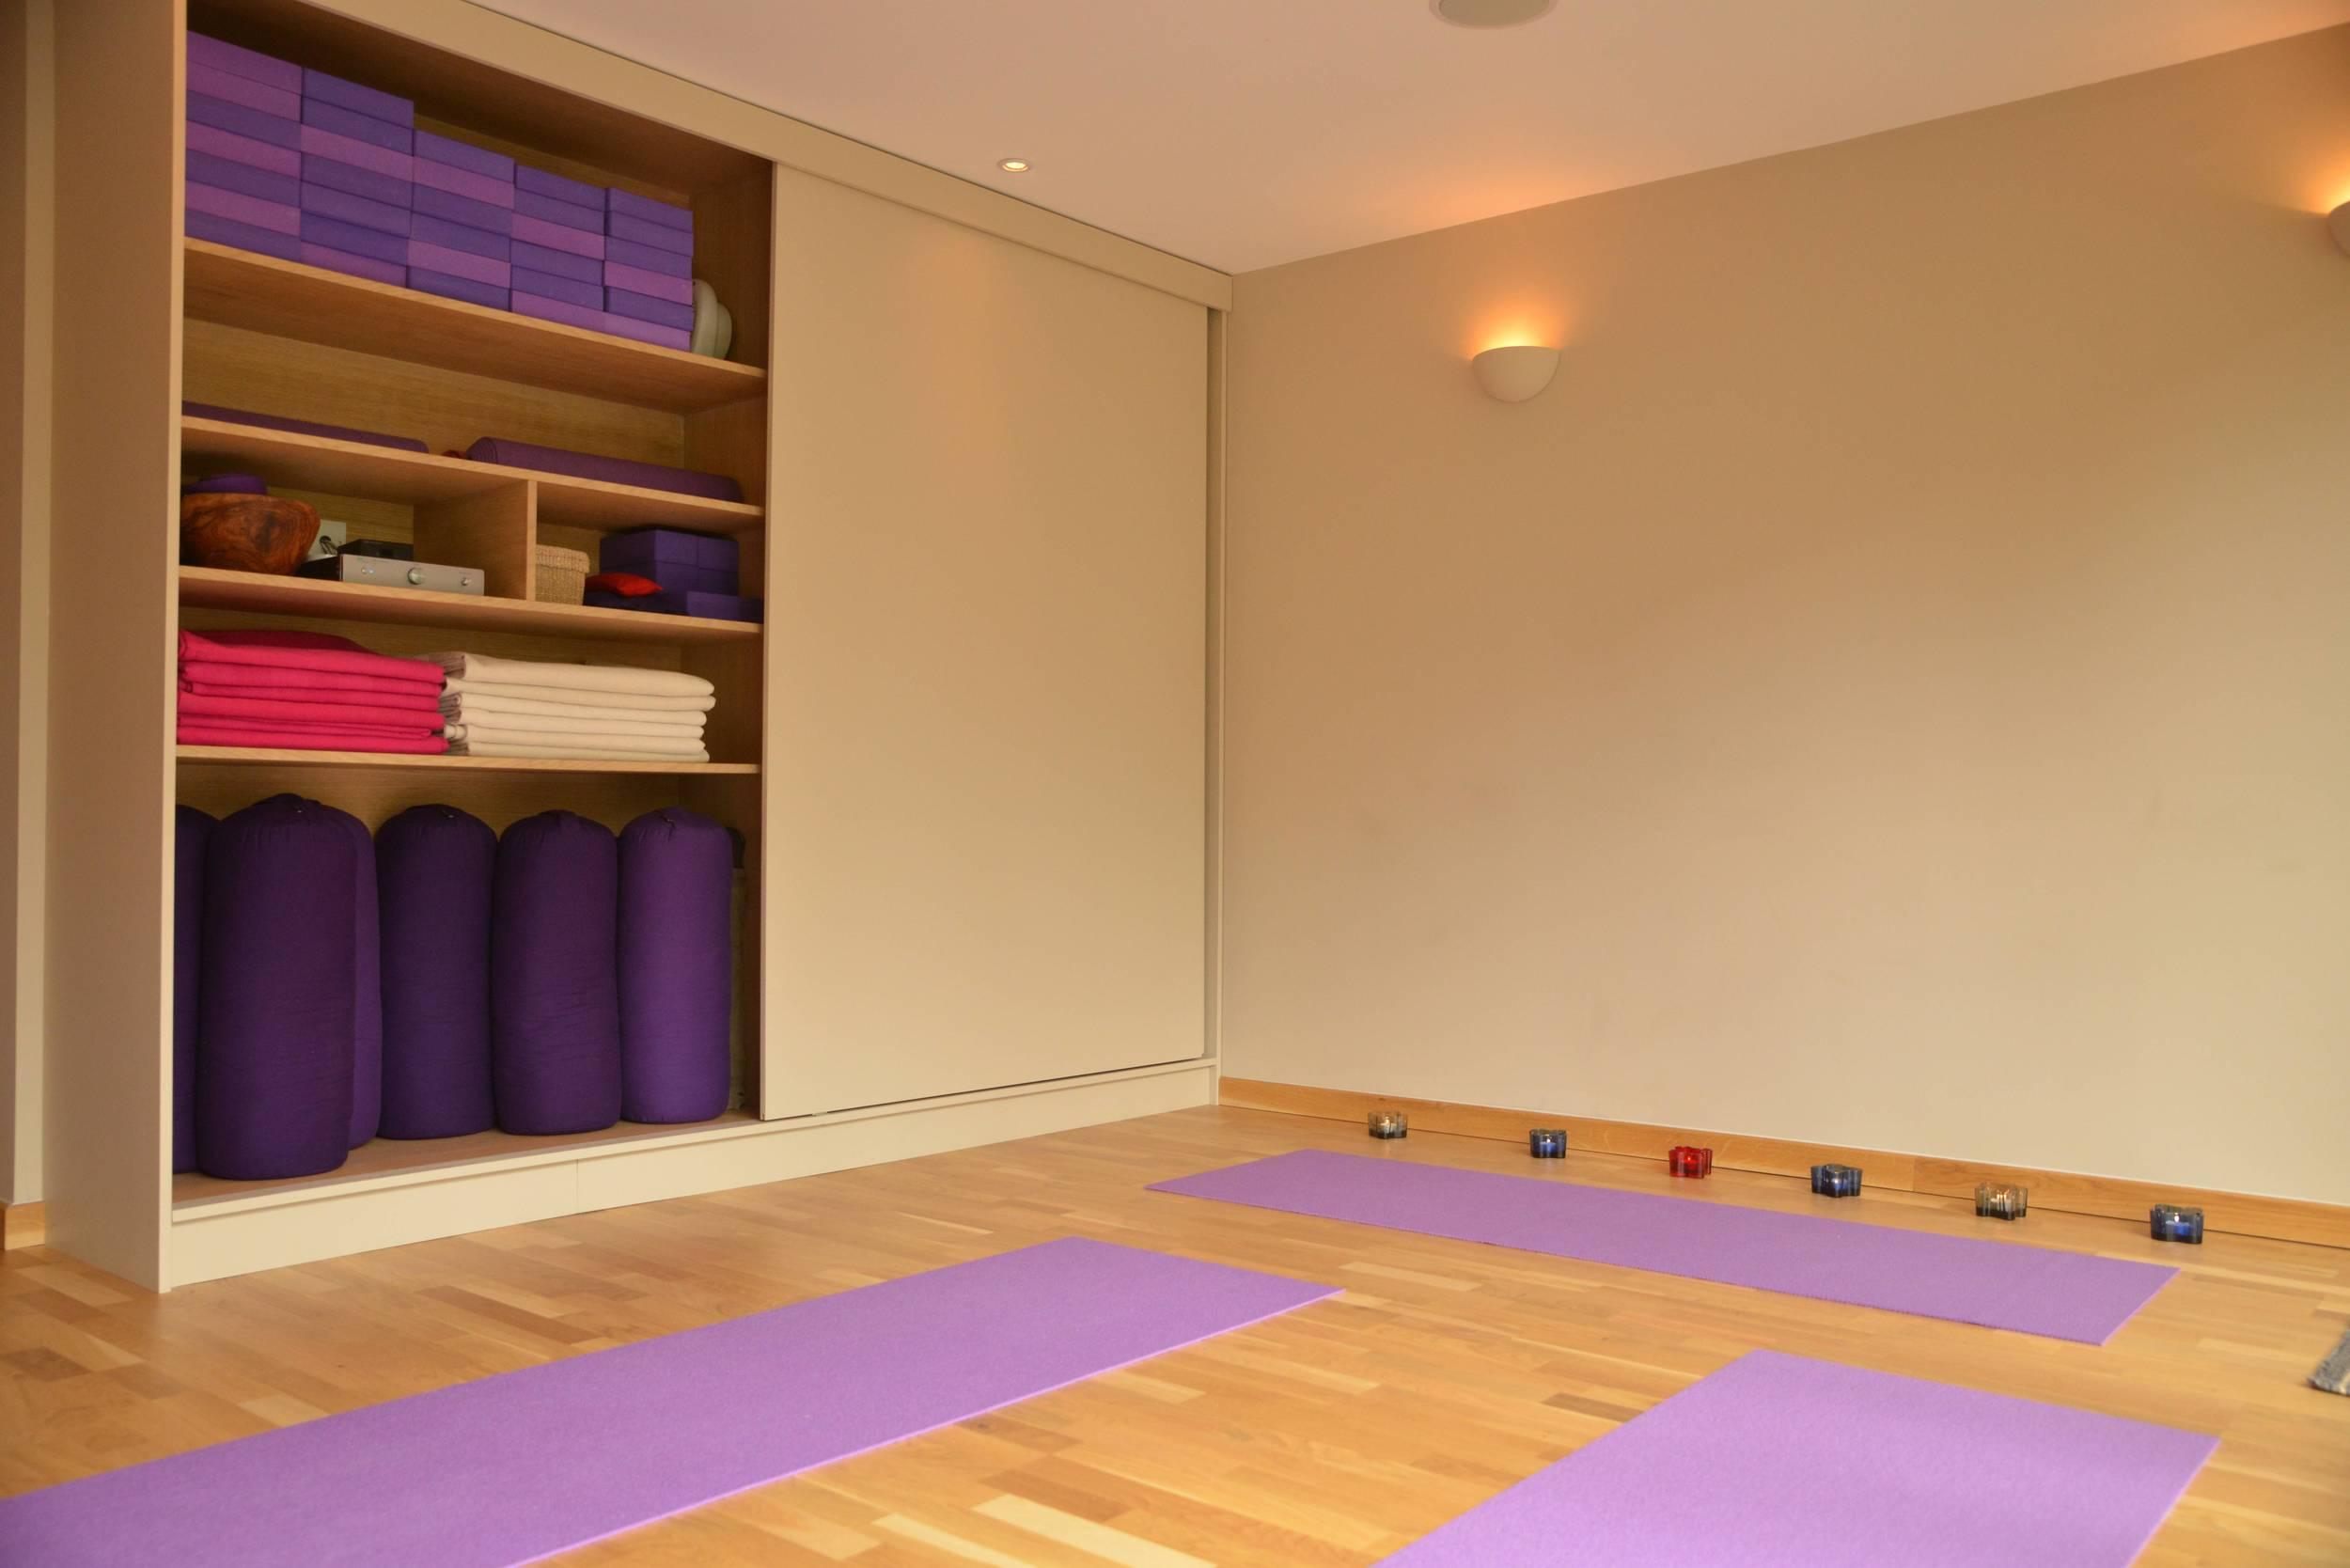 Garden Escape Yoga Studio (9) (1).jpg